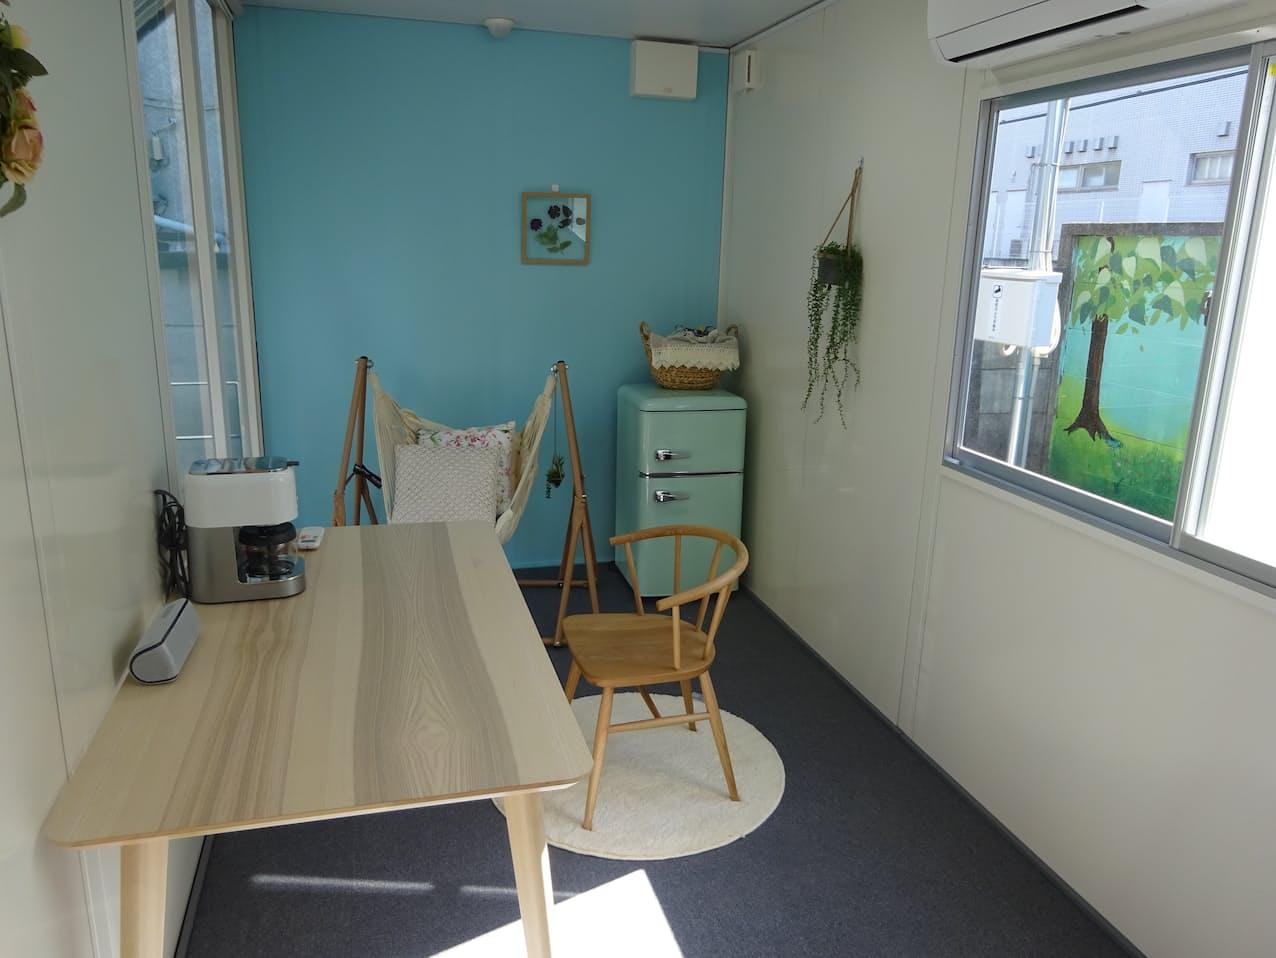 オフィスや趣味空間としての活用を見込む